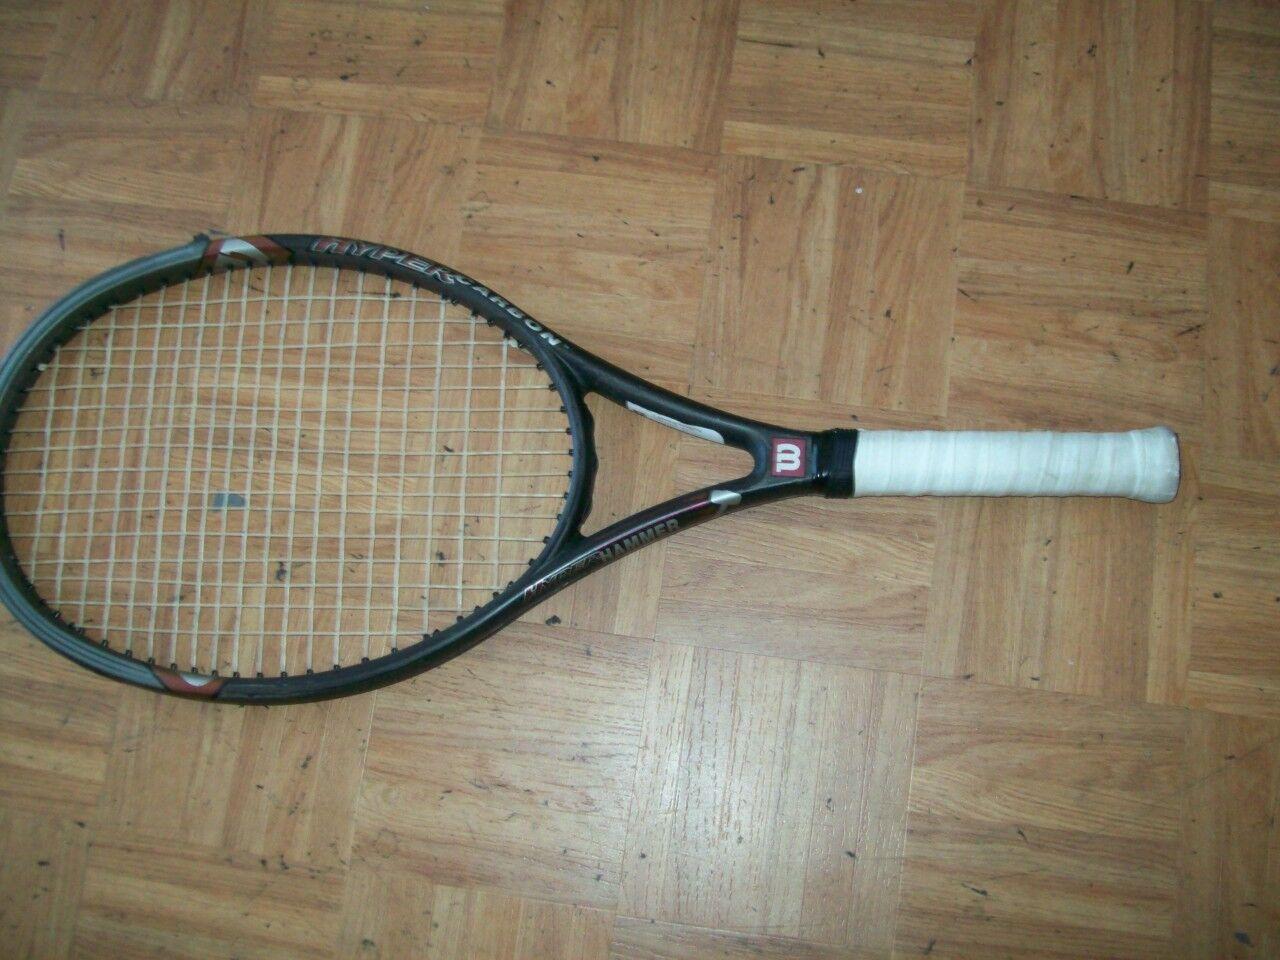 Wilson Hyper Hyper Hyper Hammer 2.3 Carbon OS 110 headsize 4 1/8 Tennis Racquet 97a687